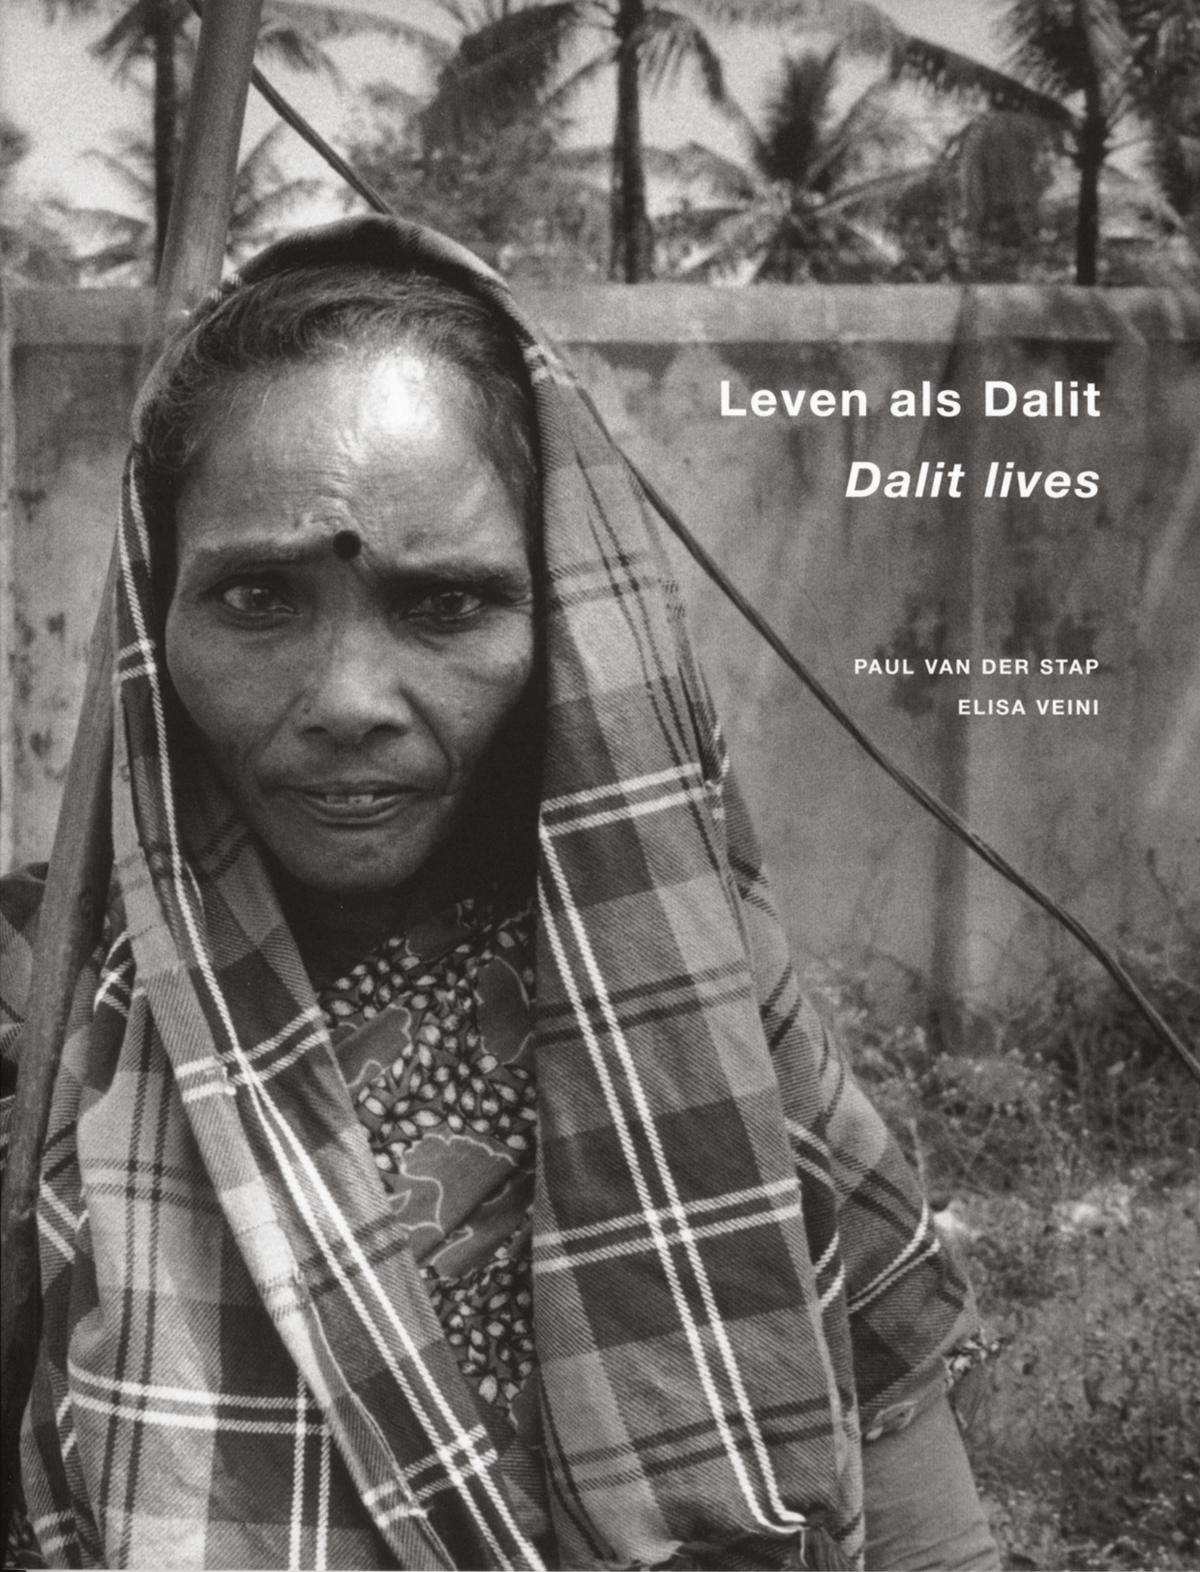 Leven als Dalit boek omslag